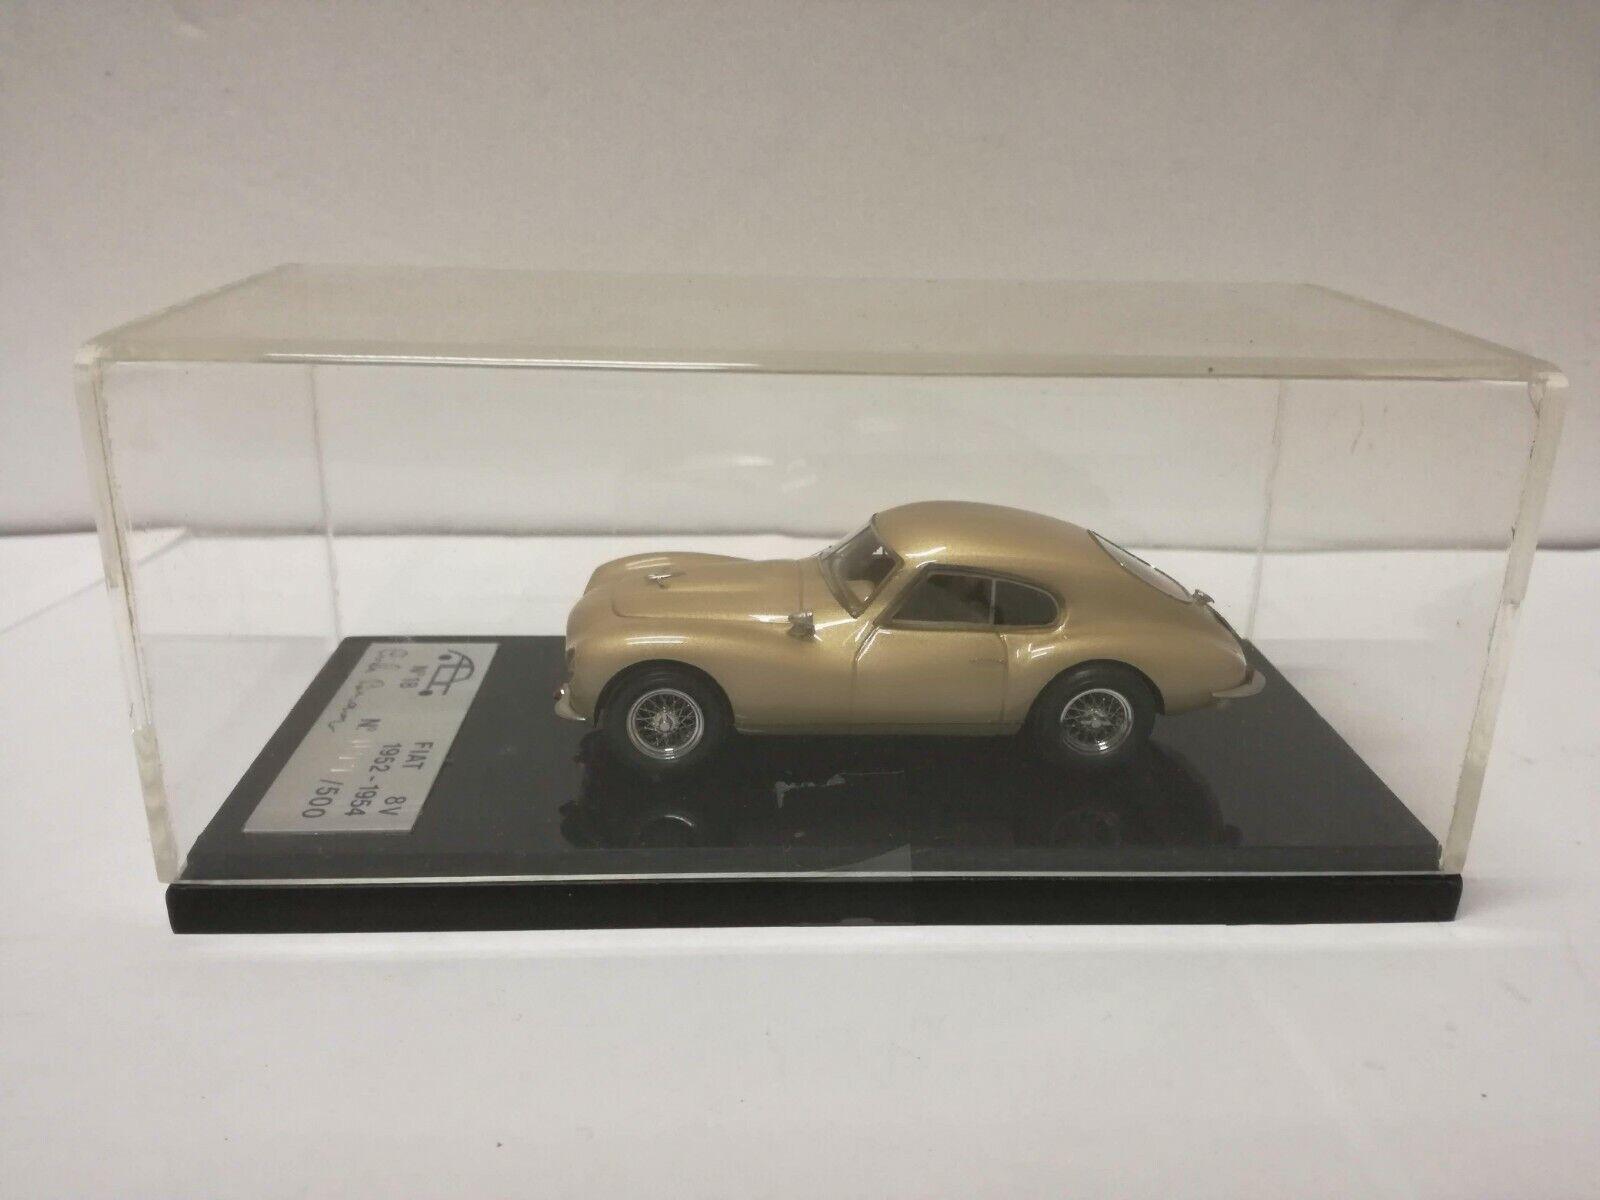 ABC 018 FIAT 8V 2°serie 1954 CARLO BRIANZA CAR MODEL MODELLINO ready built 1 43